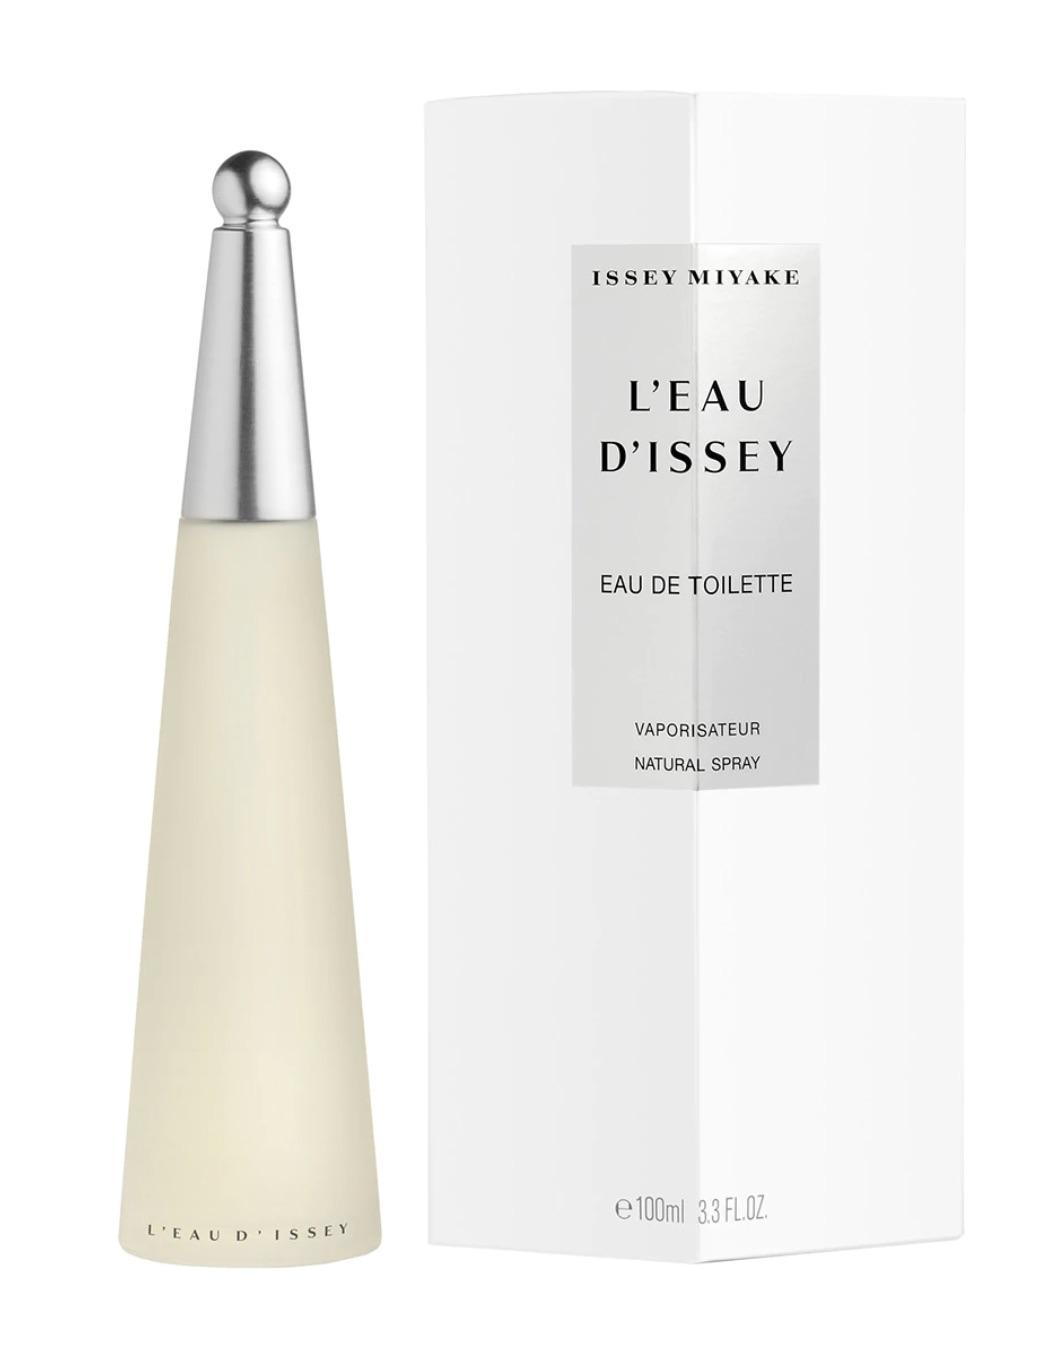 Eau de Toilette L'Eau d'Issey en envase de 100 ml de Issey Miyake.